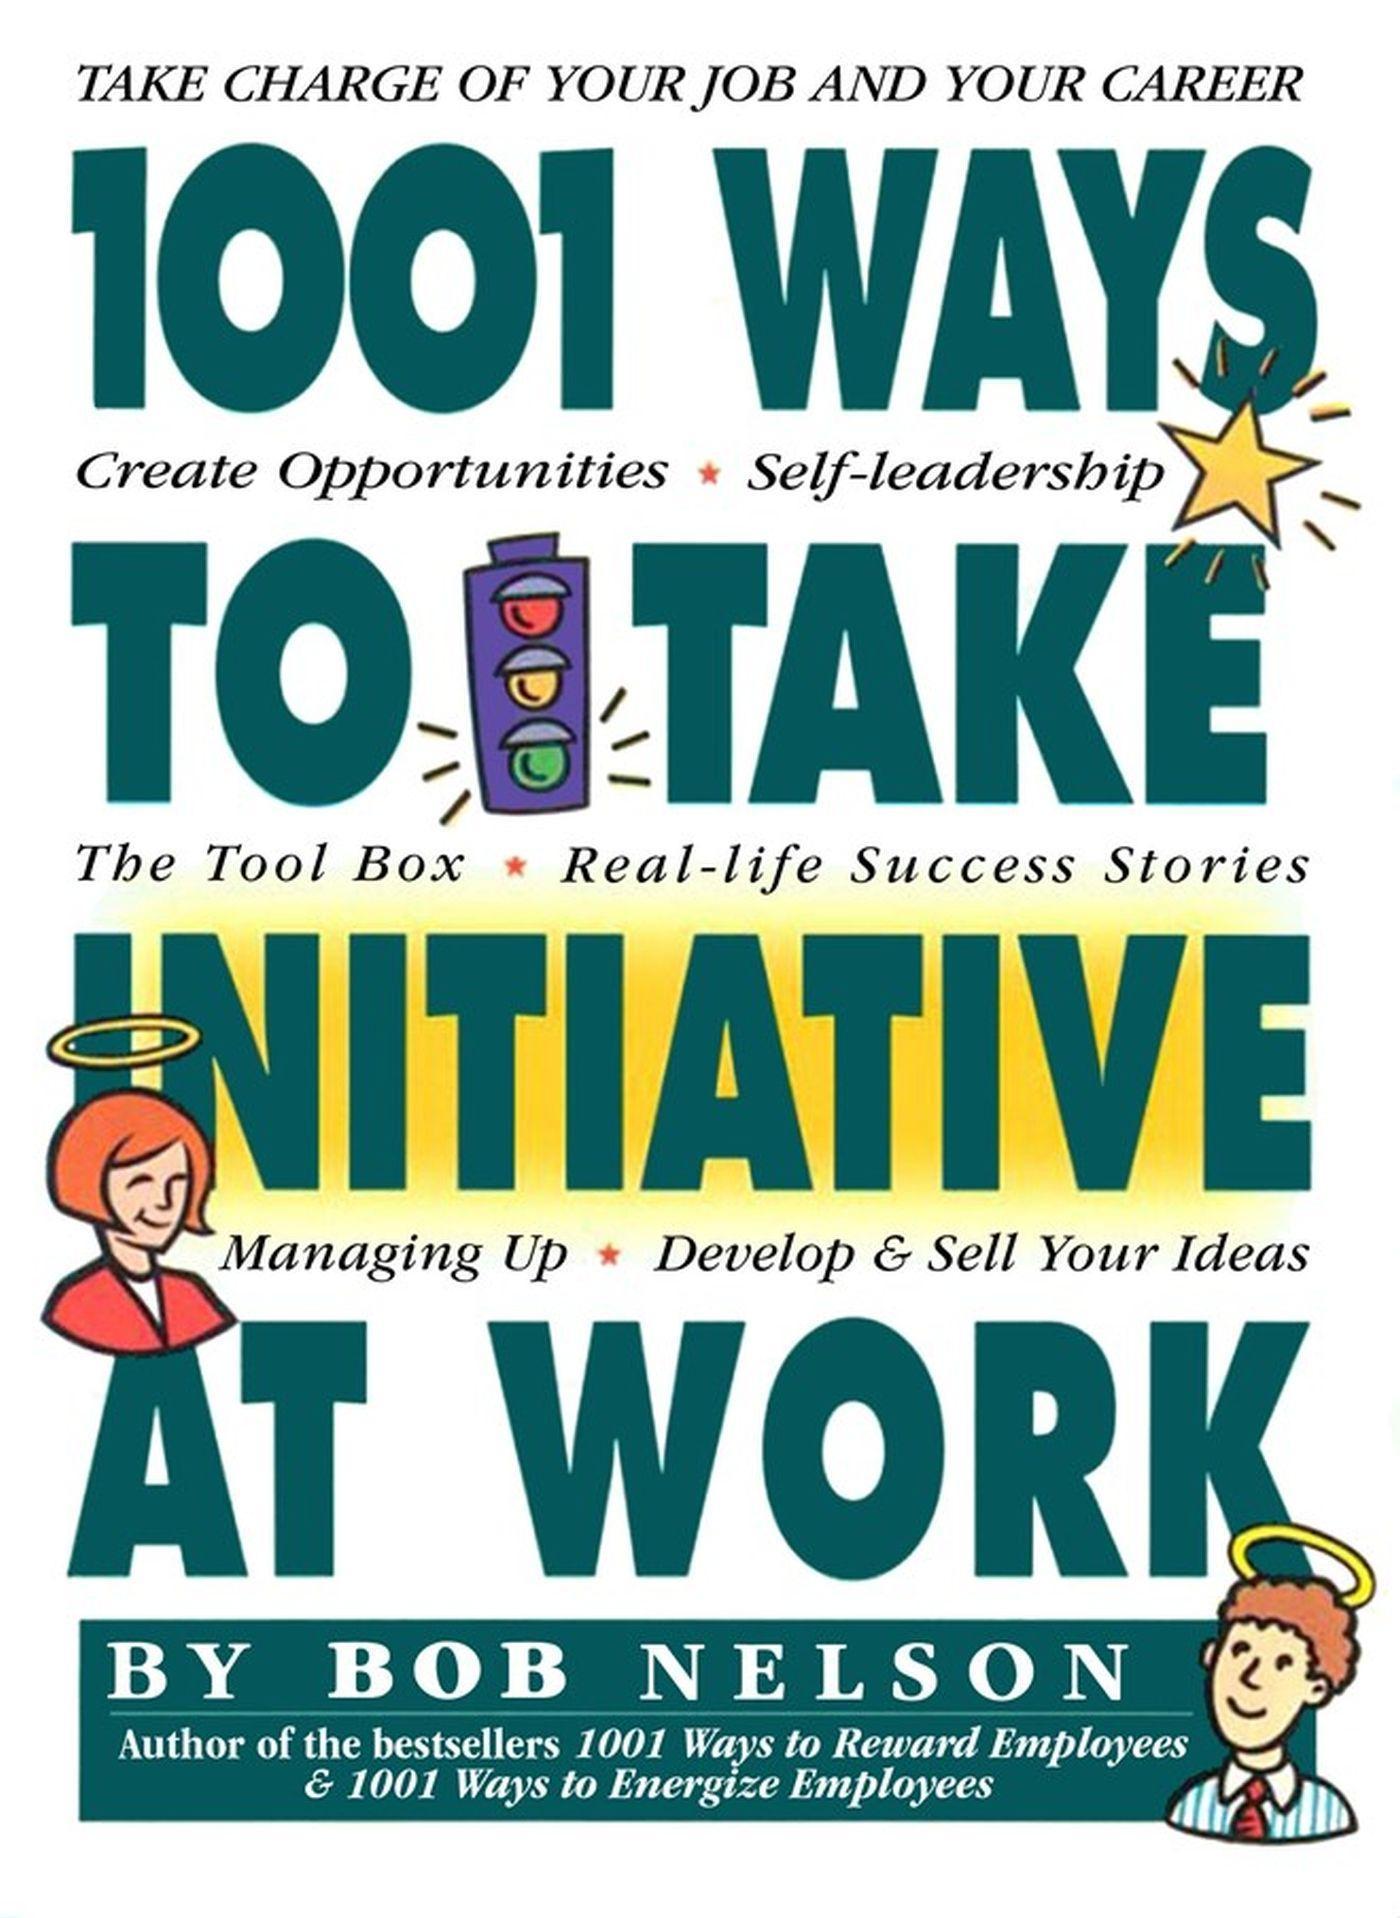 1001 Ways Employees Can Take Initiative at Work  Bob Nelson  Taschenbuch  Englisch  1999 - Nelson, Bob